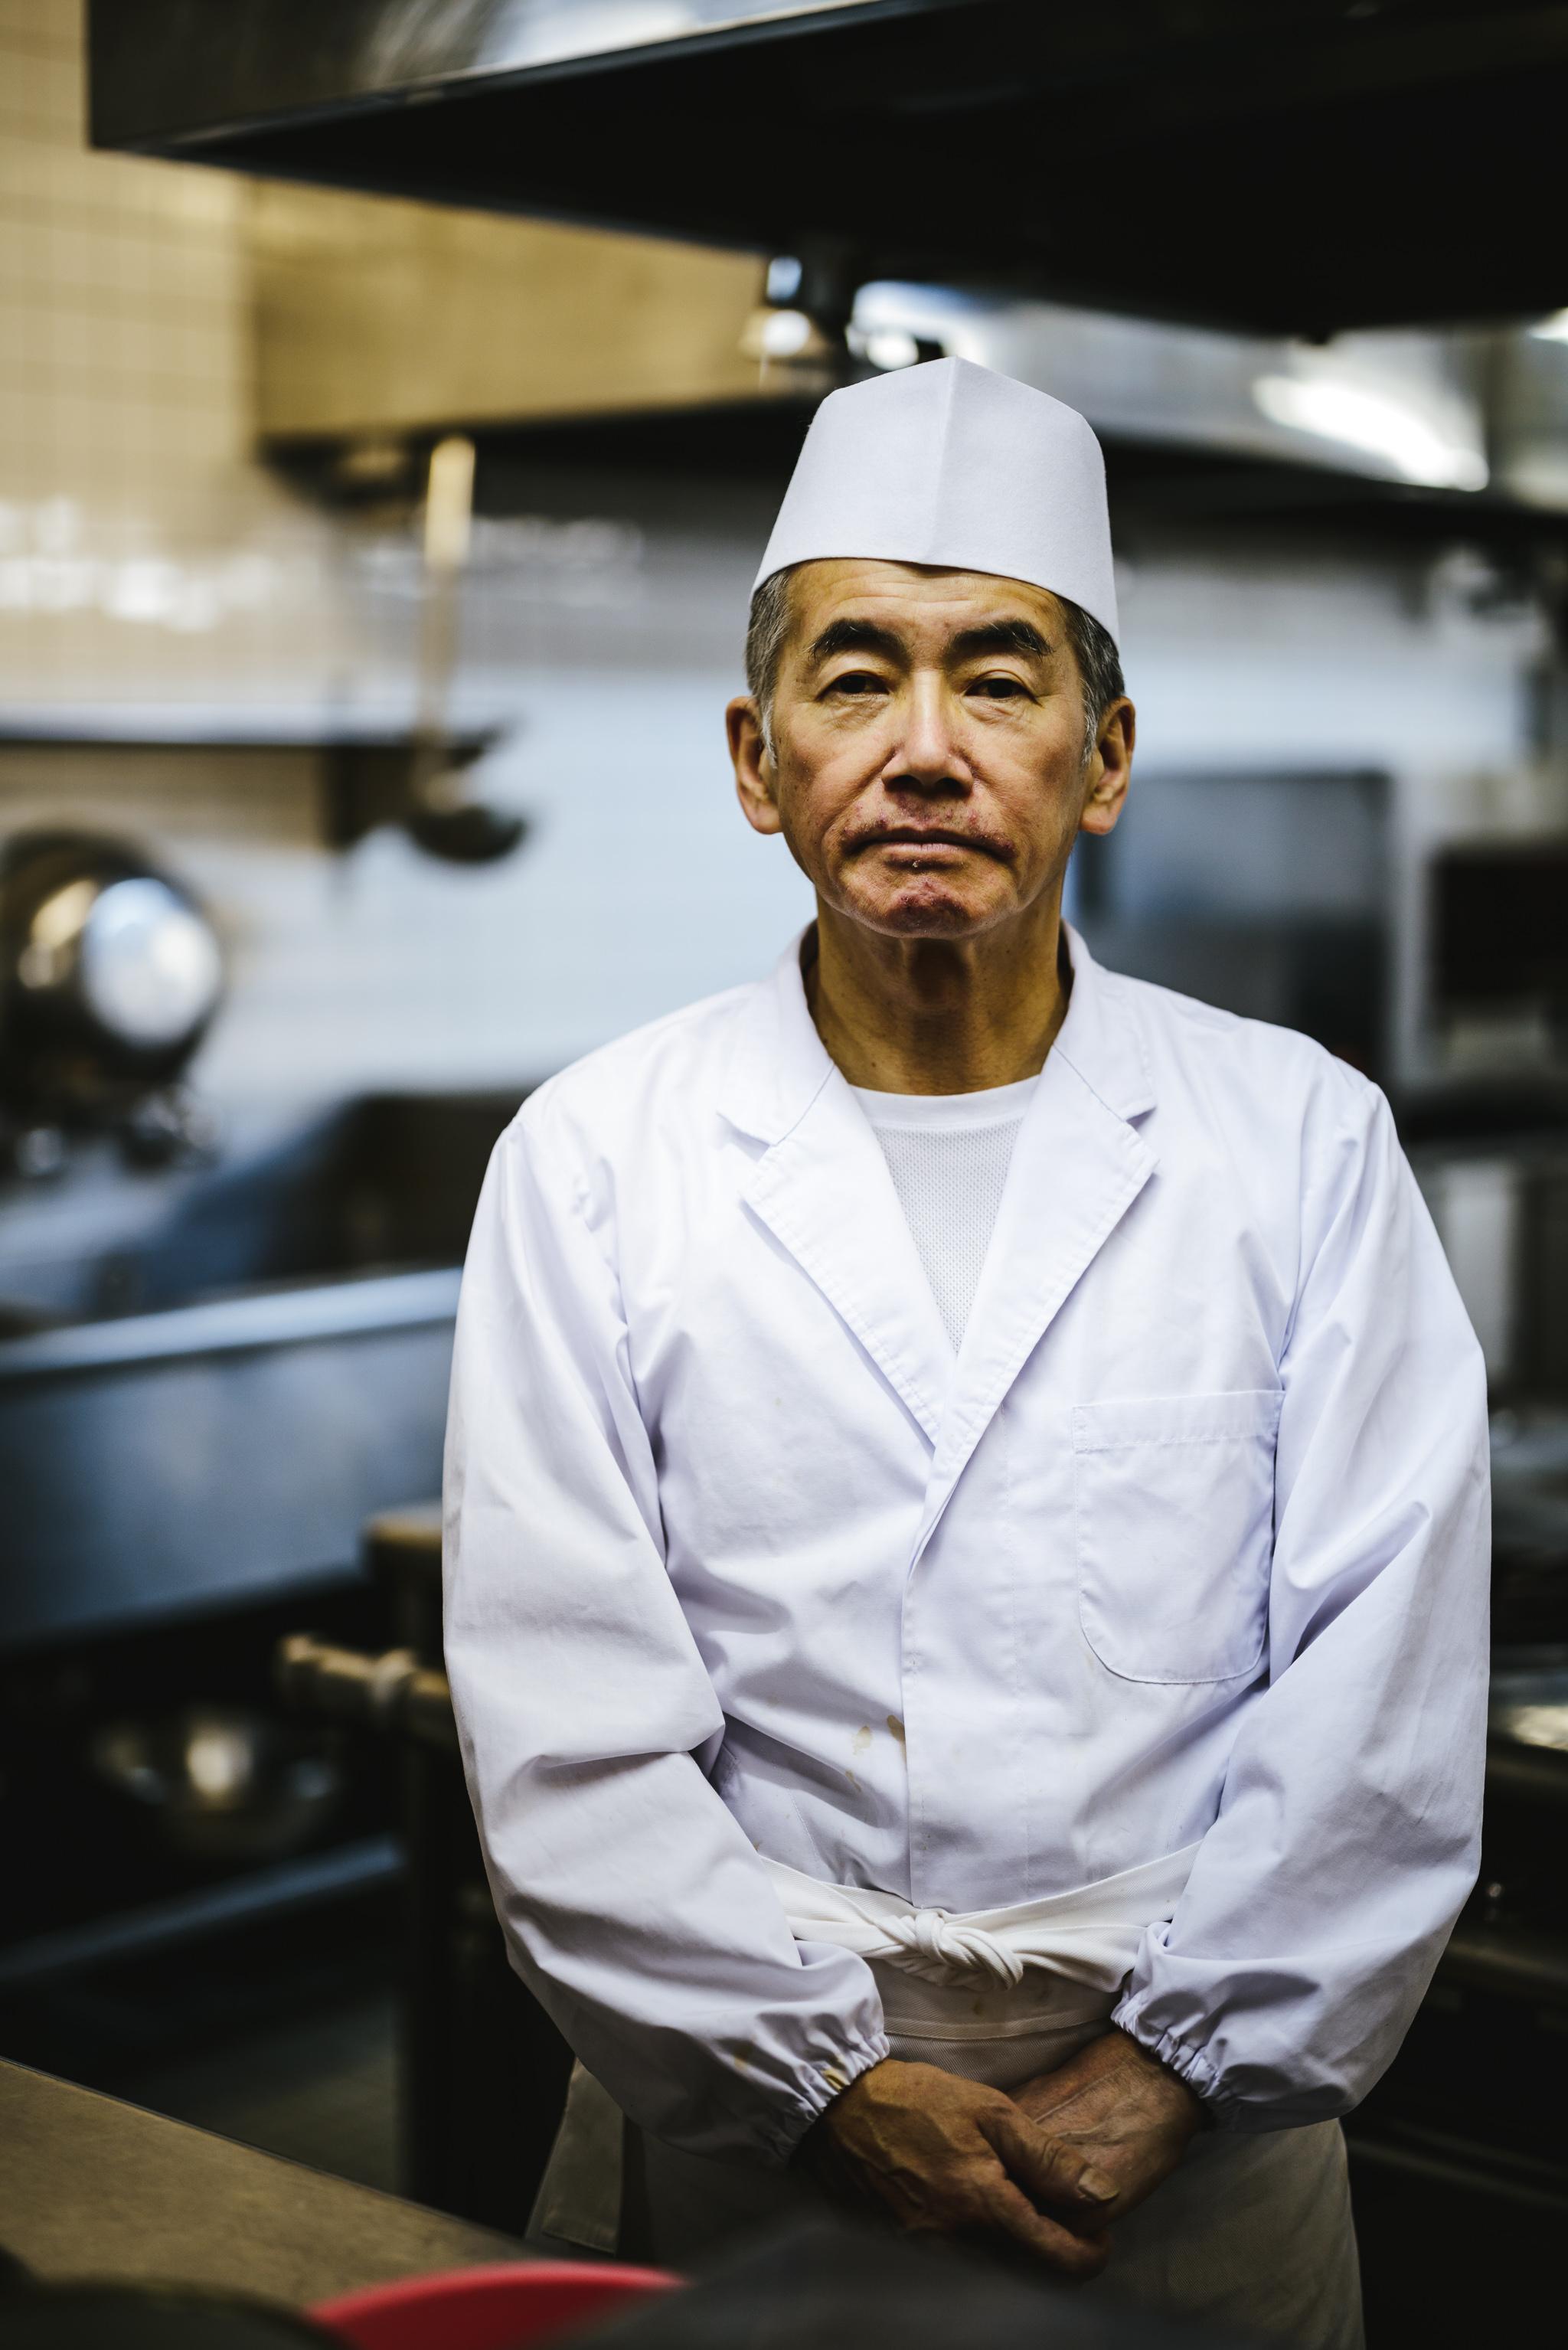 Rusutsu sushi chef profile